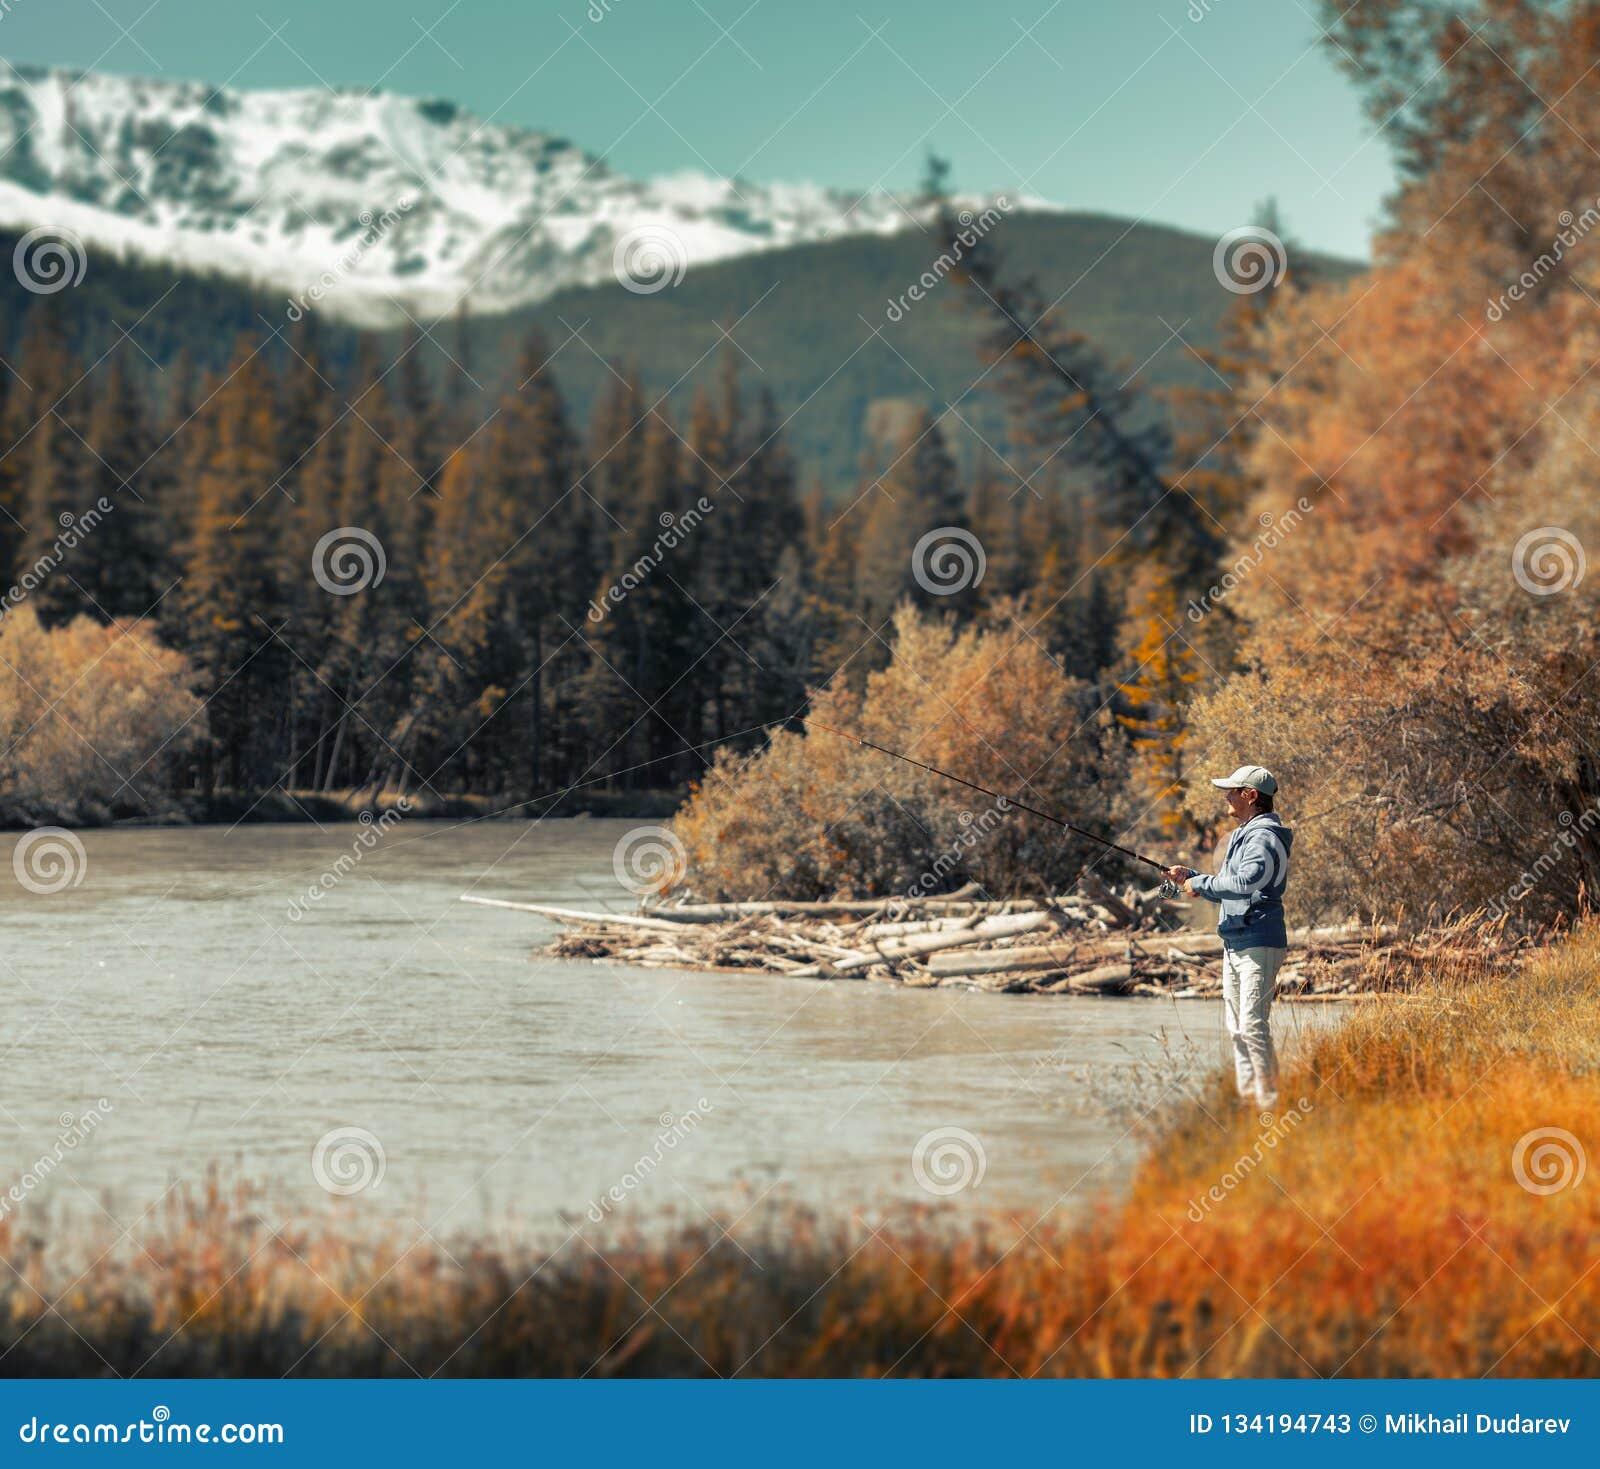 Young adult angler